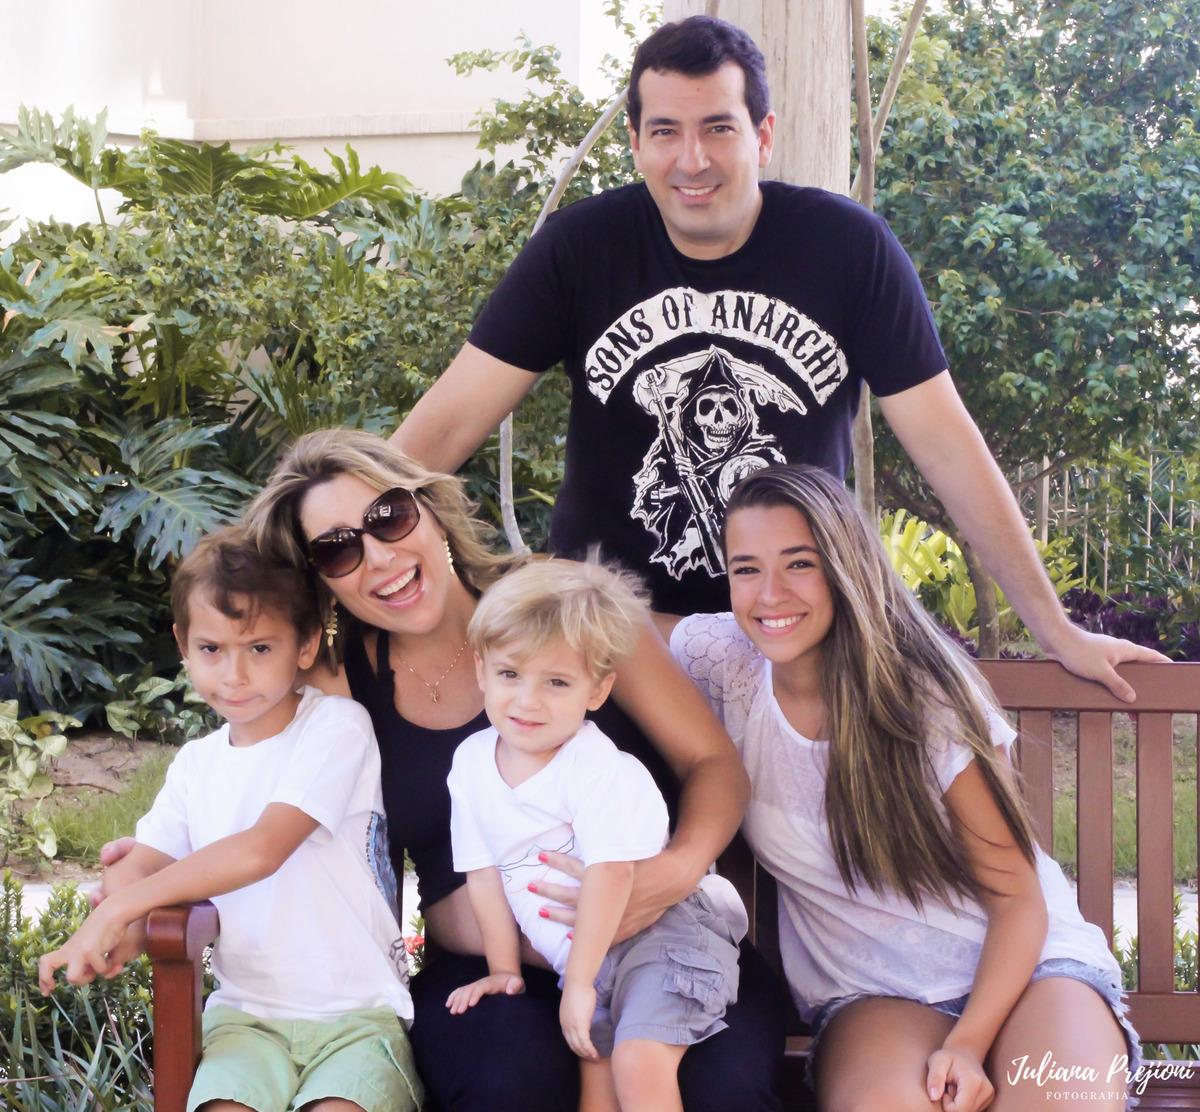 família sentada em um banco no jardim e sorrindo